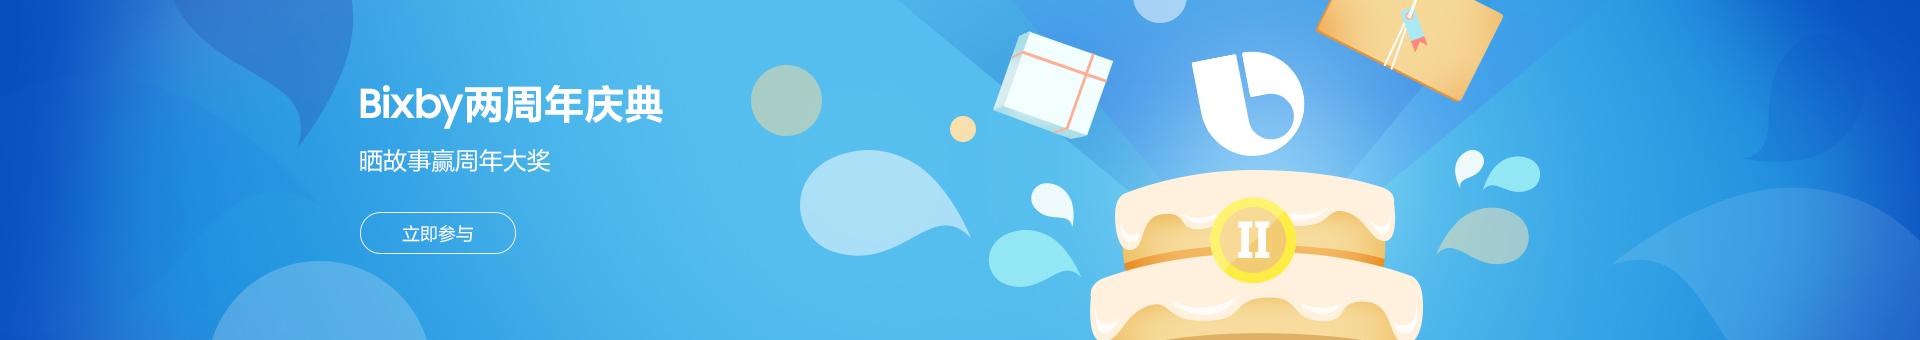 【Bixby两周年庆典】秀出你的Bixby故事